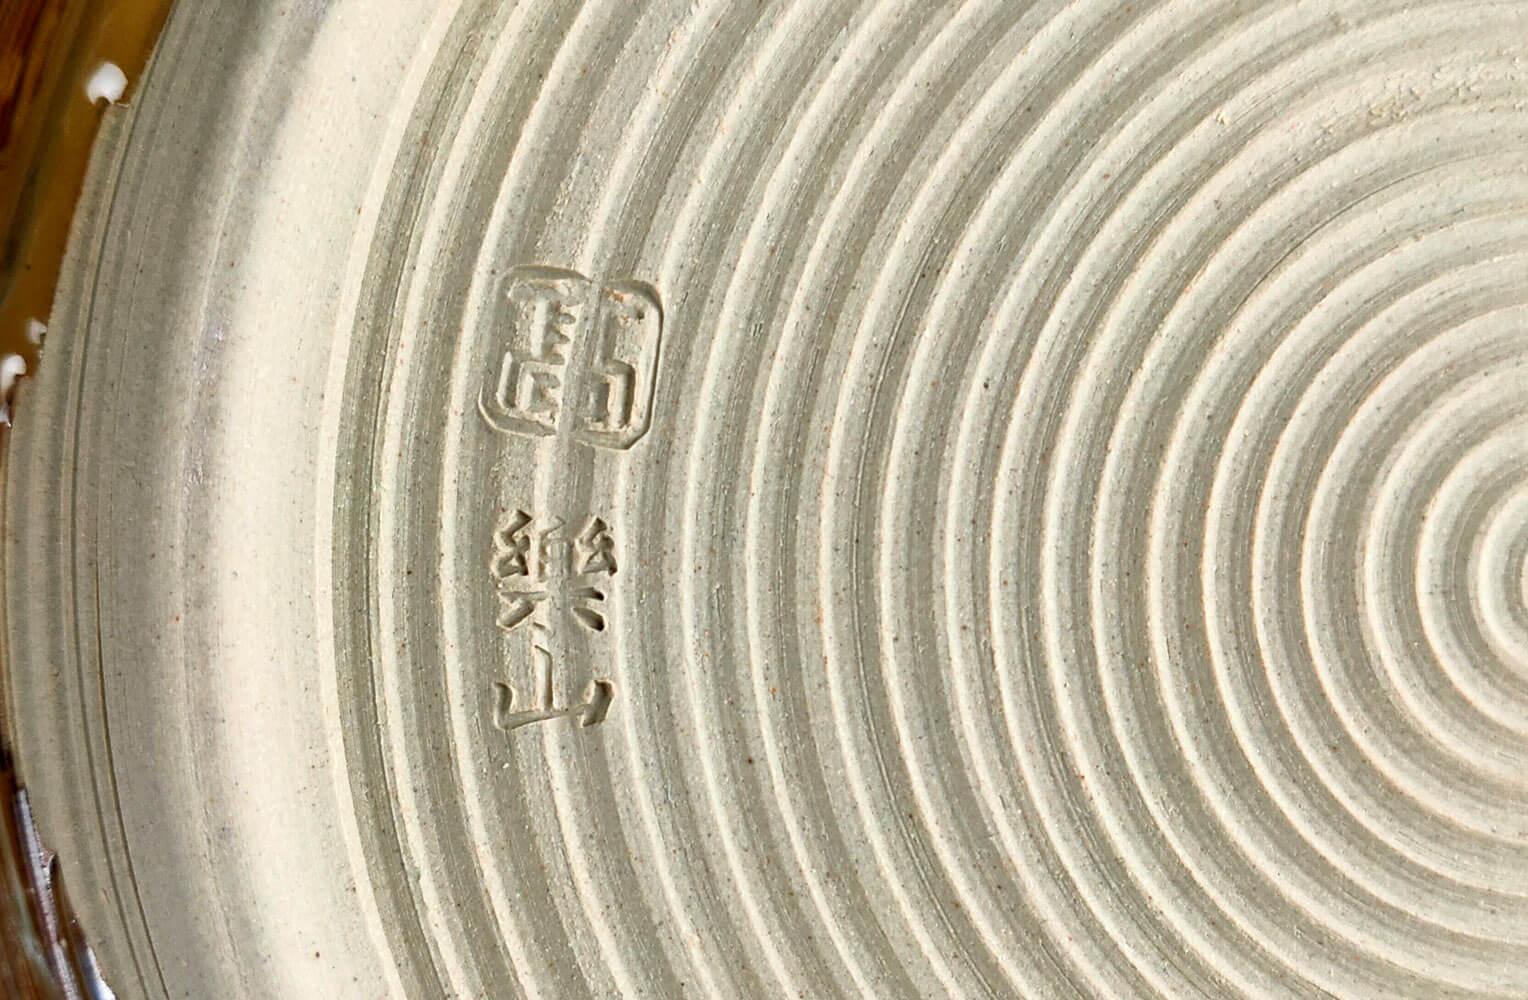 亀井楽山 高取焼耳付水指 落款部分